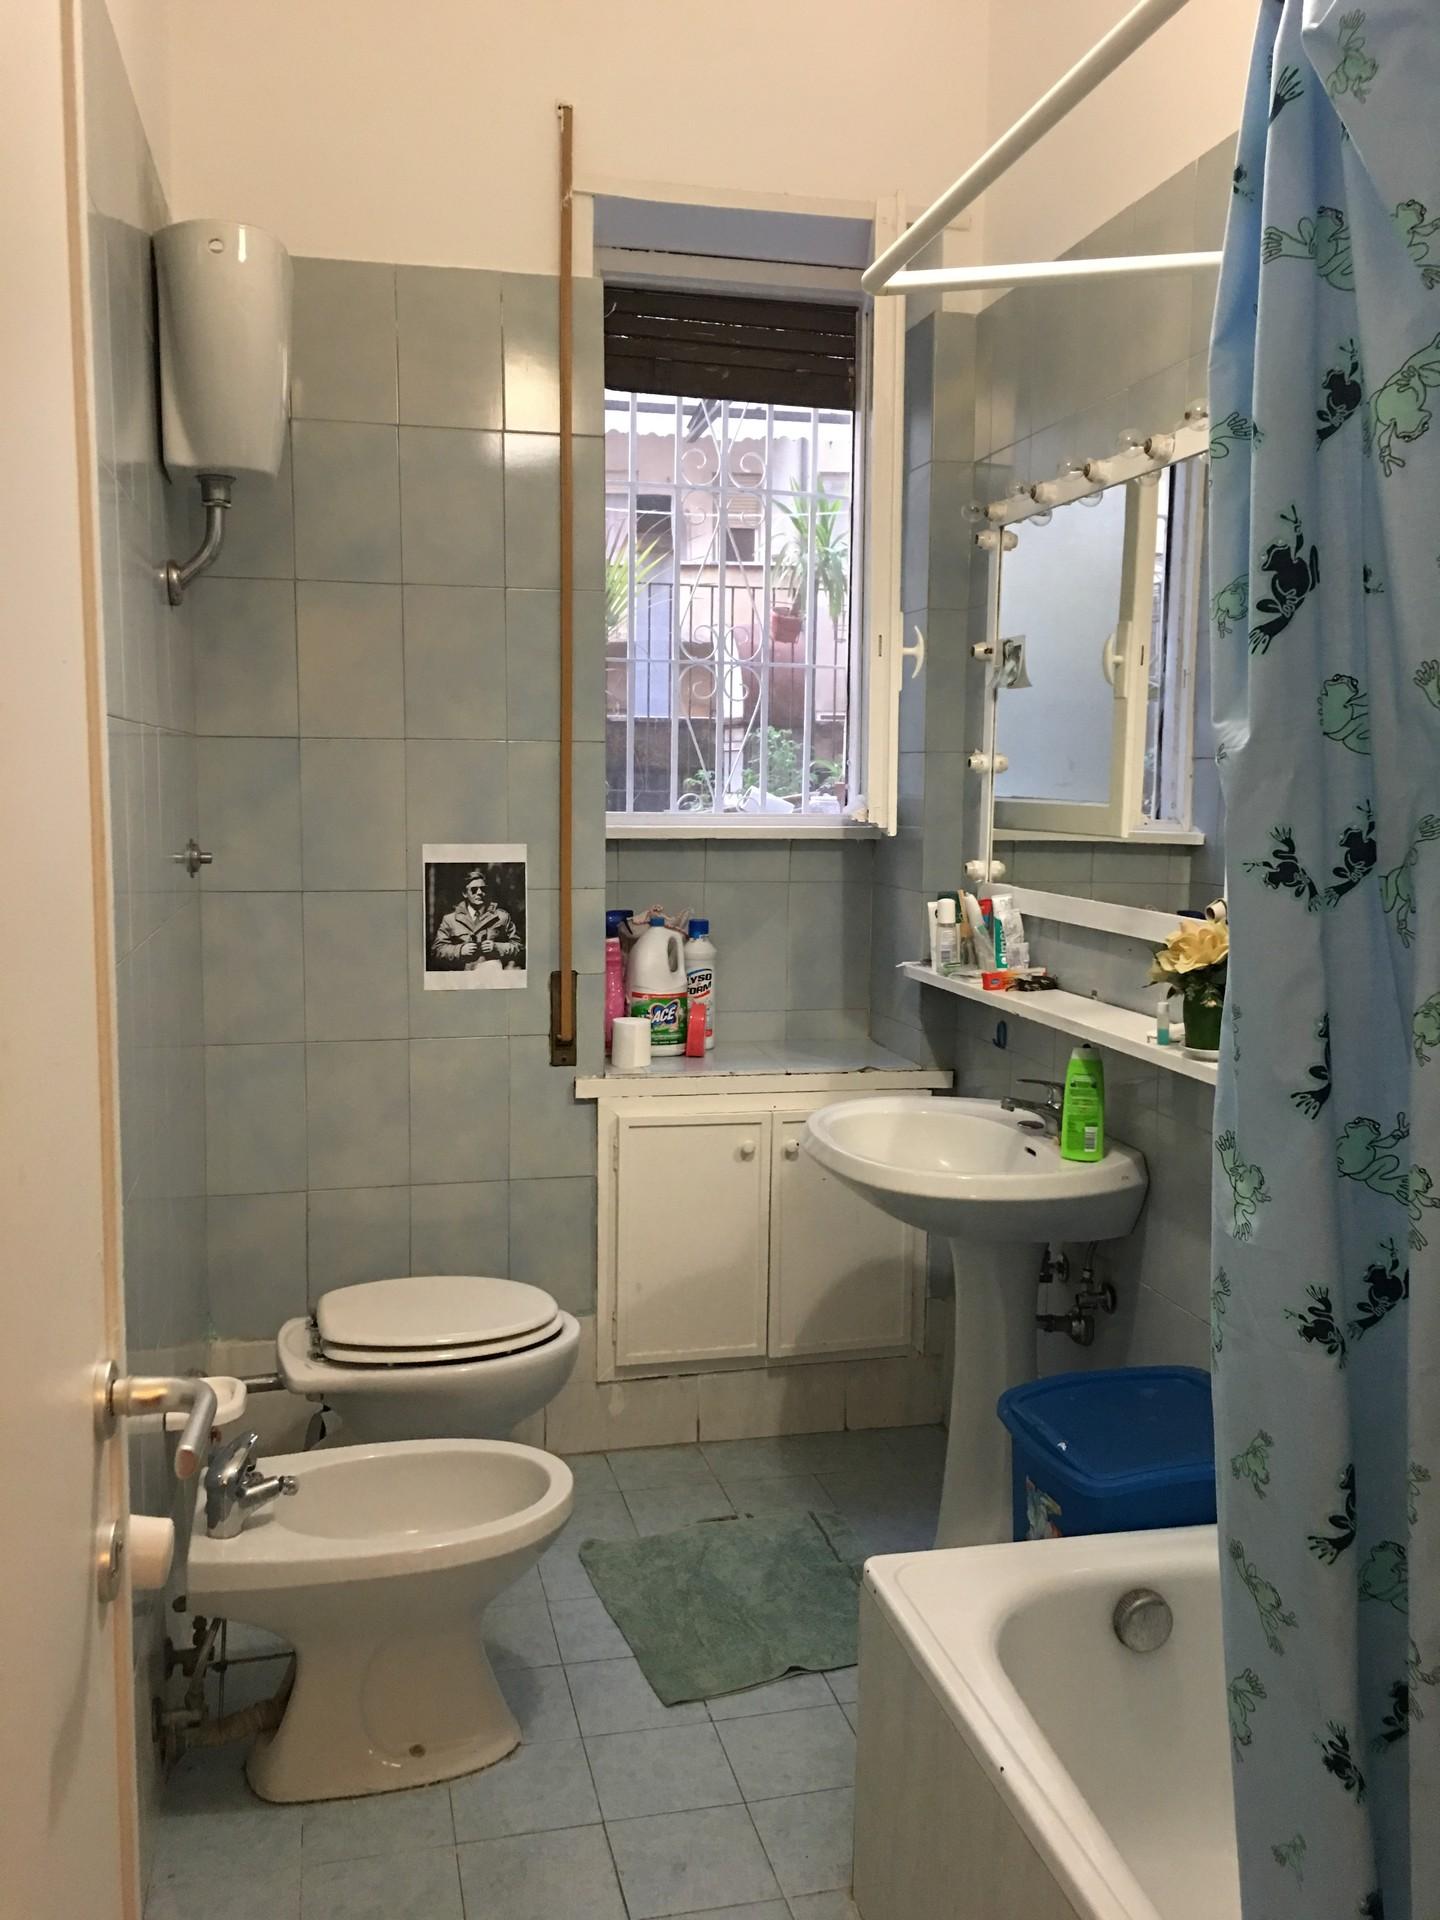 camere-appartamento-a7383b197c0df703a8fd09d475884d14.jpg